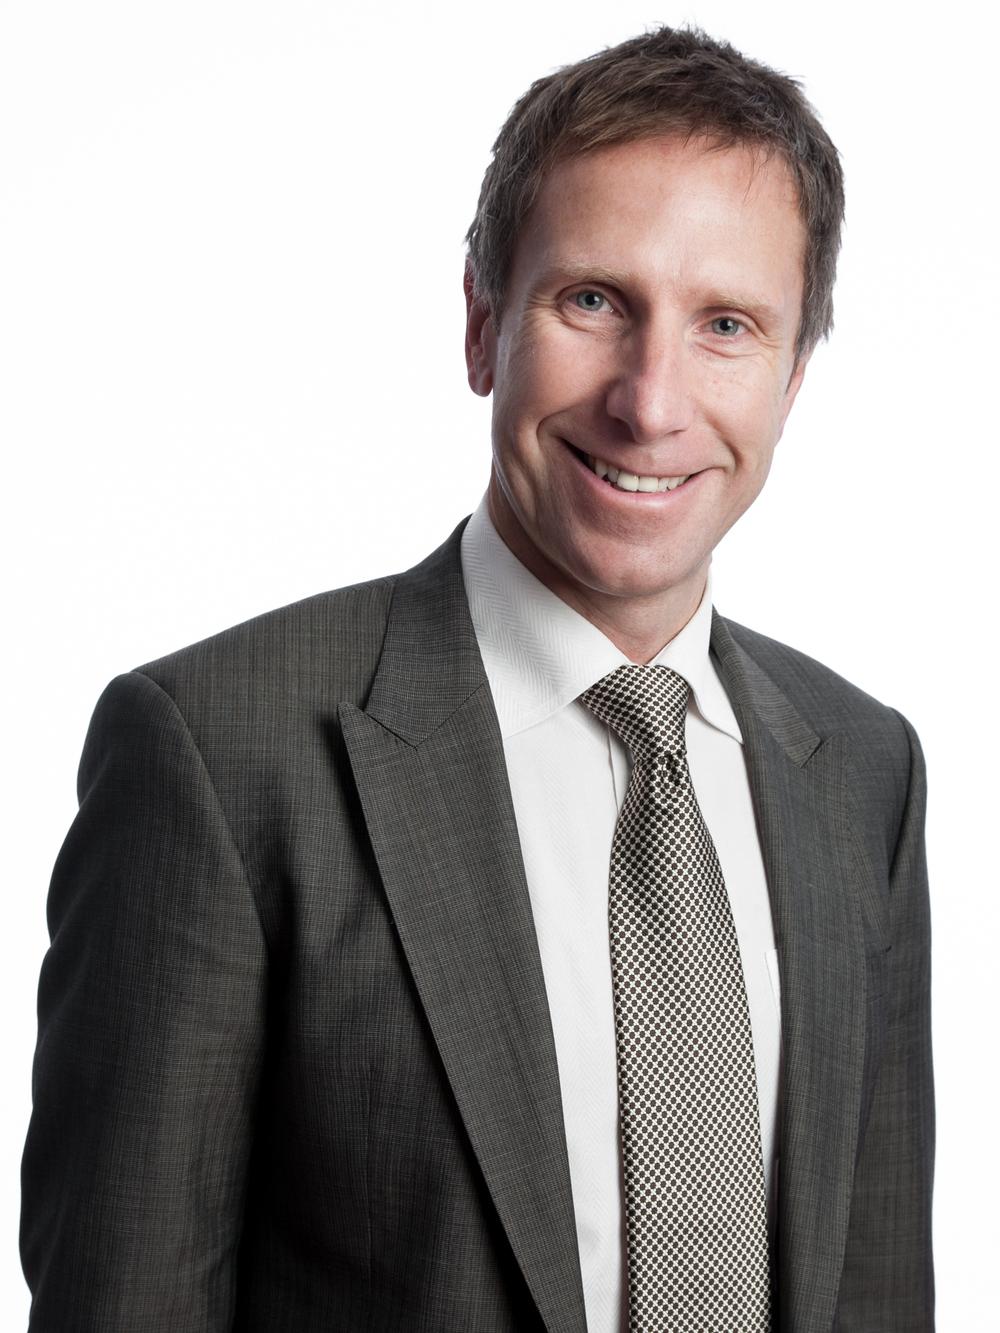 Corporate Headshots & Portraits